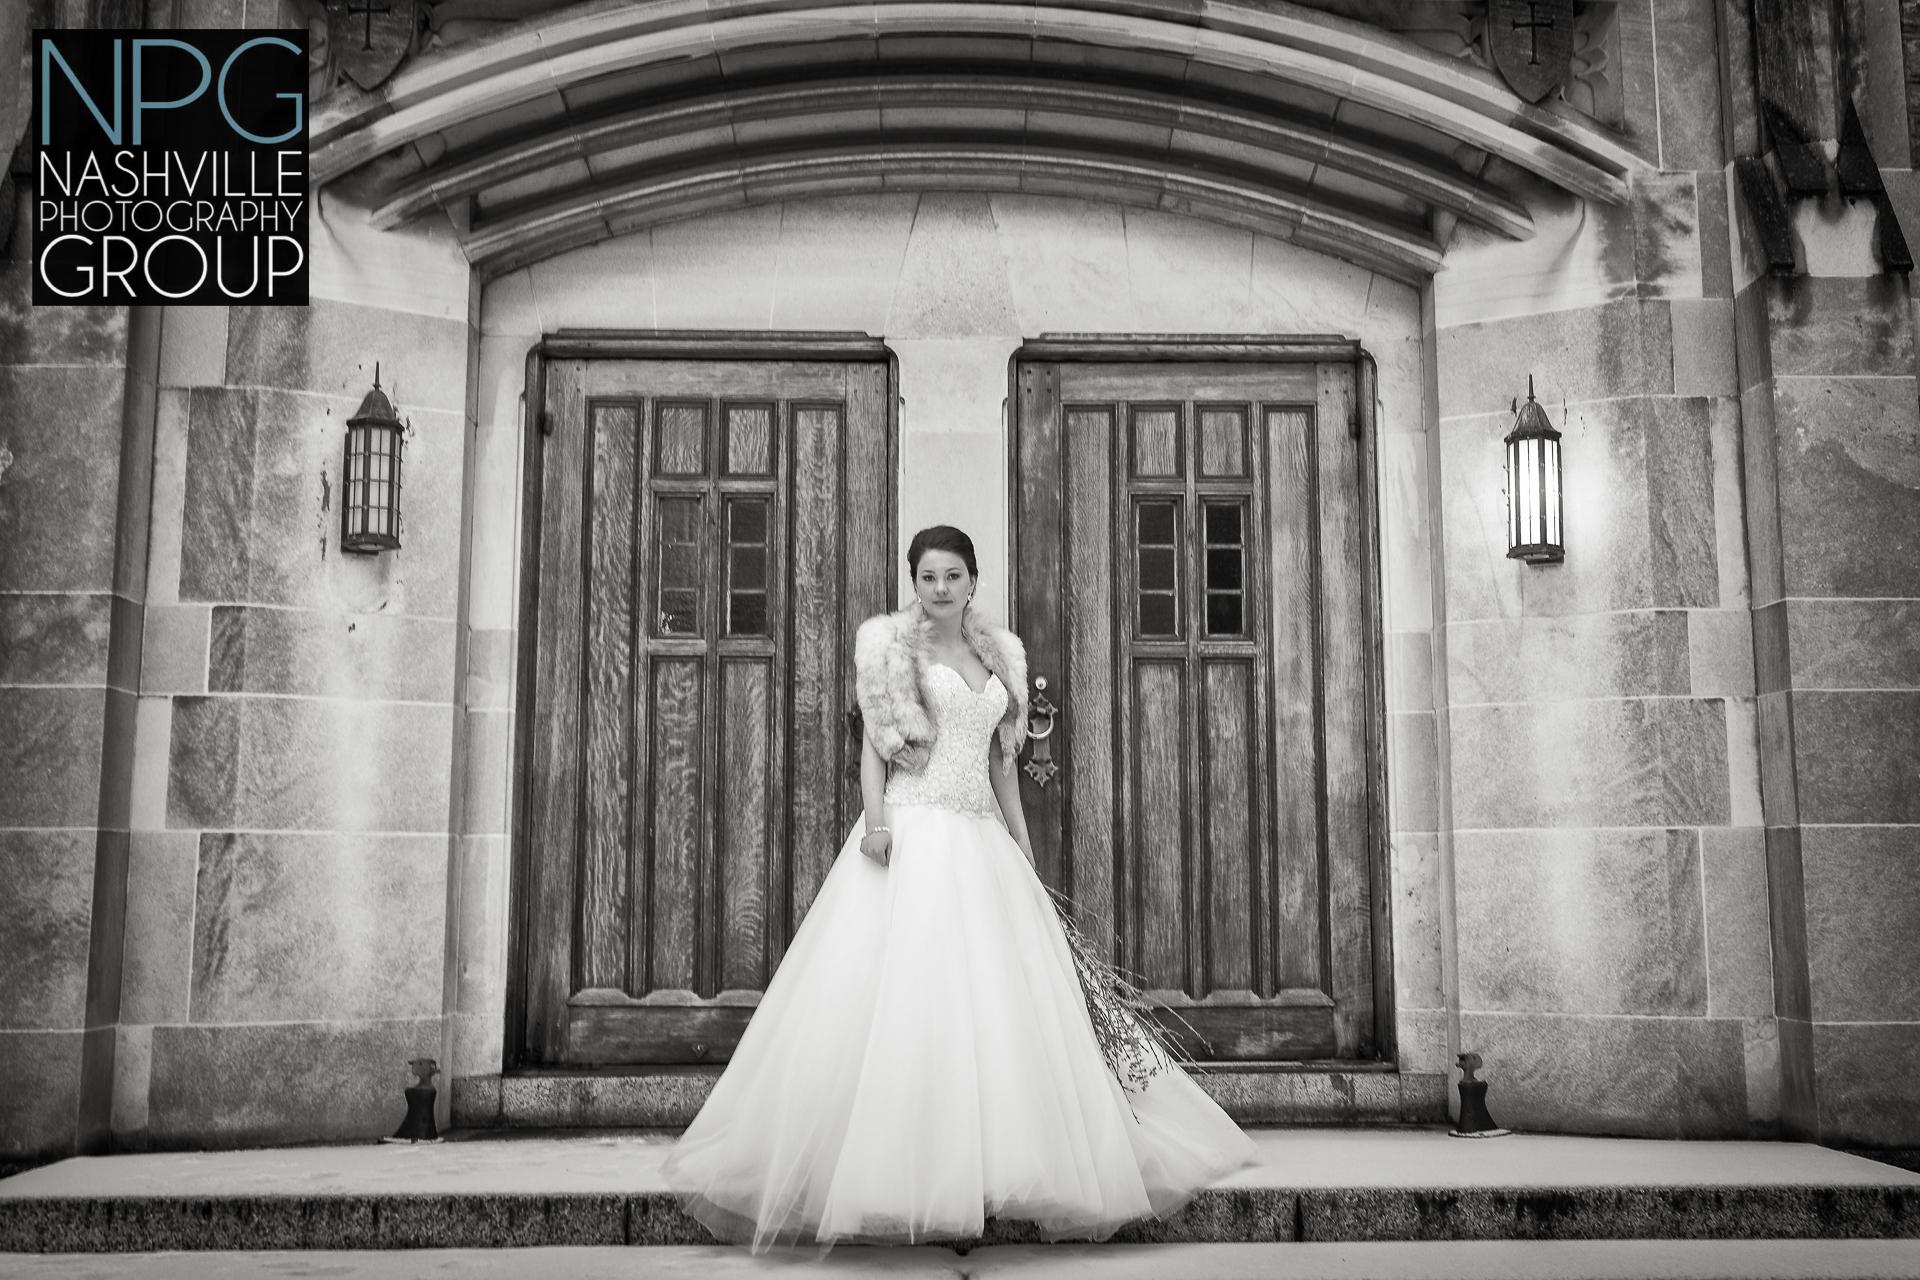 nashville wedding photographer - nashville photography group (3 of 4).jpg